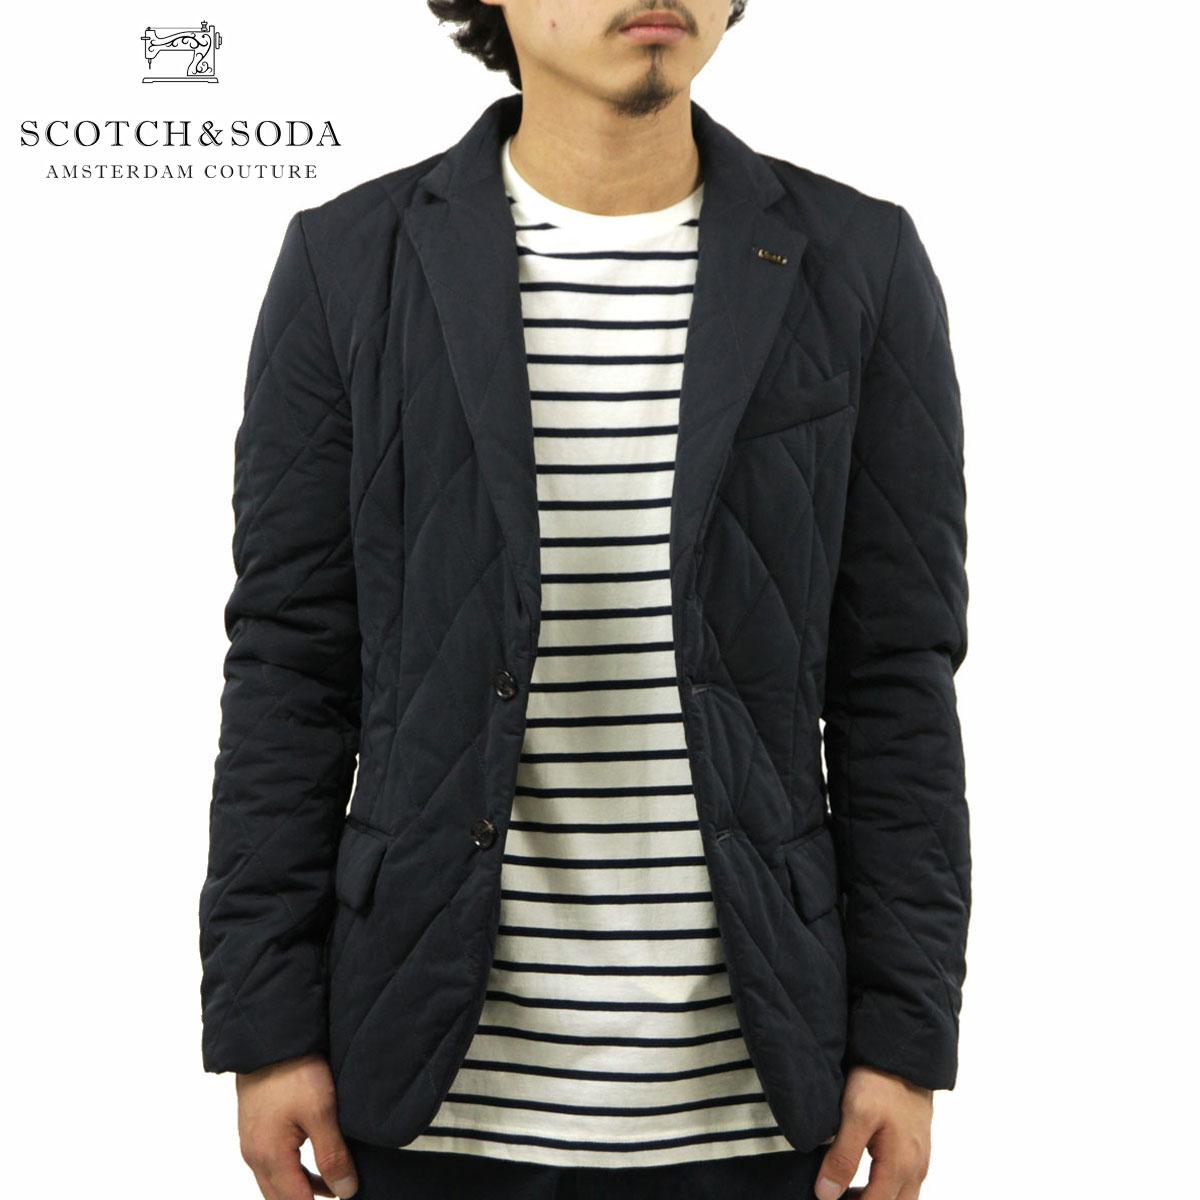 スコッチアンドソーダ SCOTCH&SODA 正規販売店 メンズ アウタージャケット Quilted blazer in peached nylon quality 101485 02 D00S20